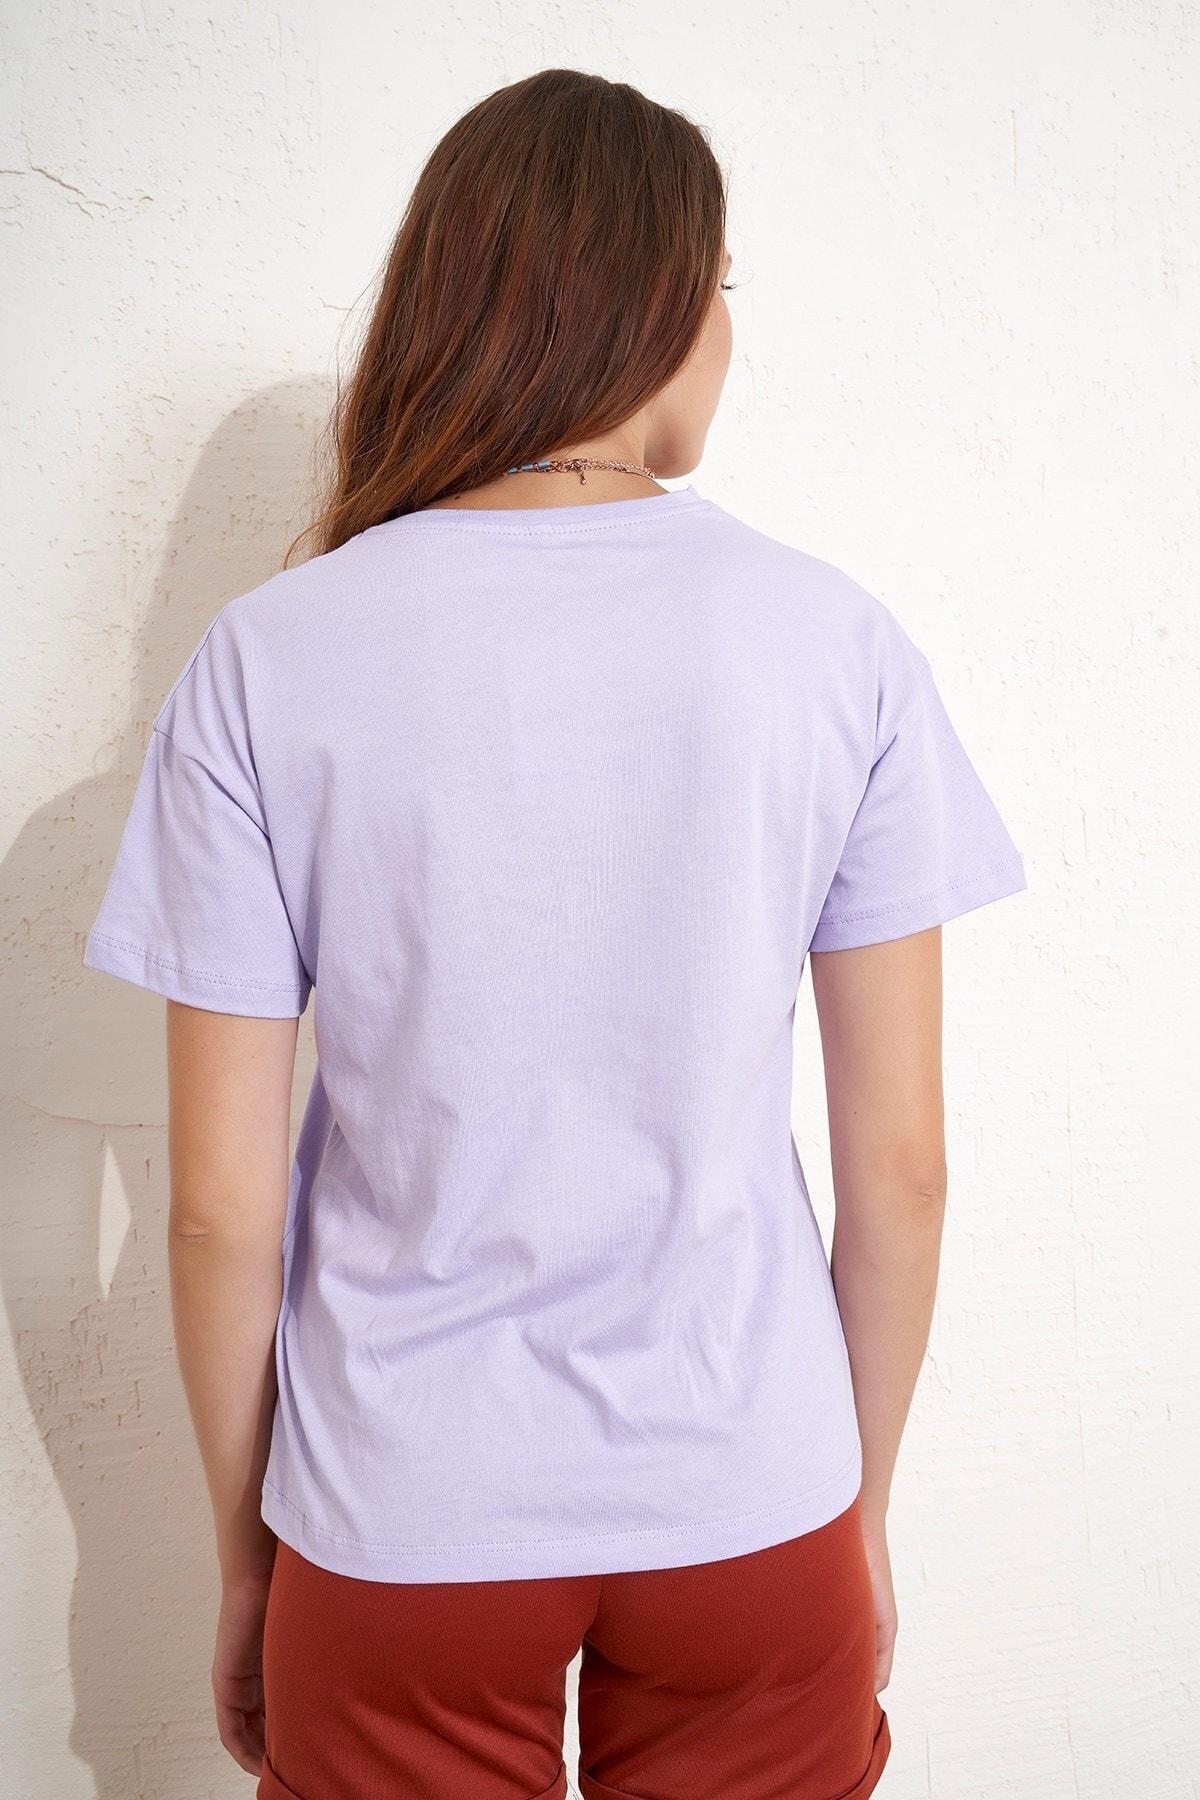 Eka Kadın Spiritual Baskılı T-shirt 2